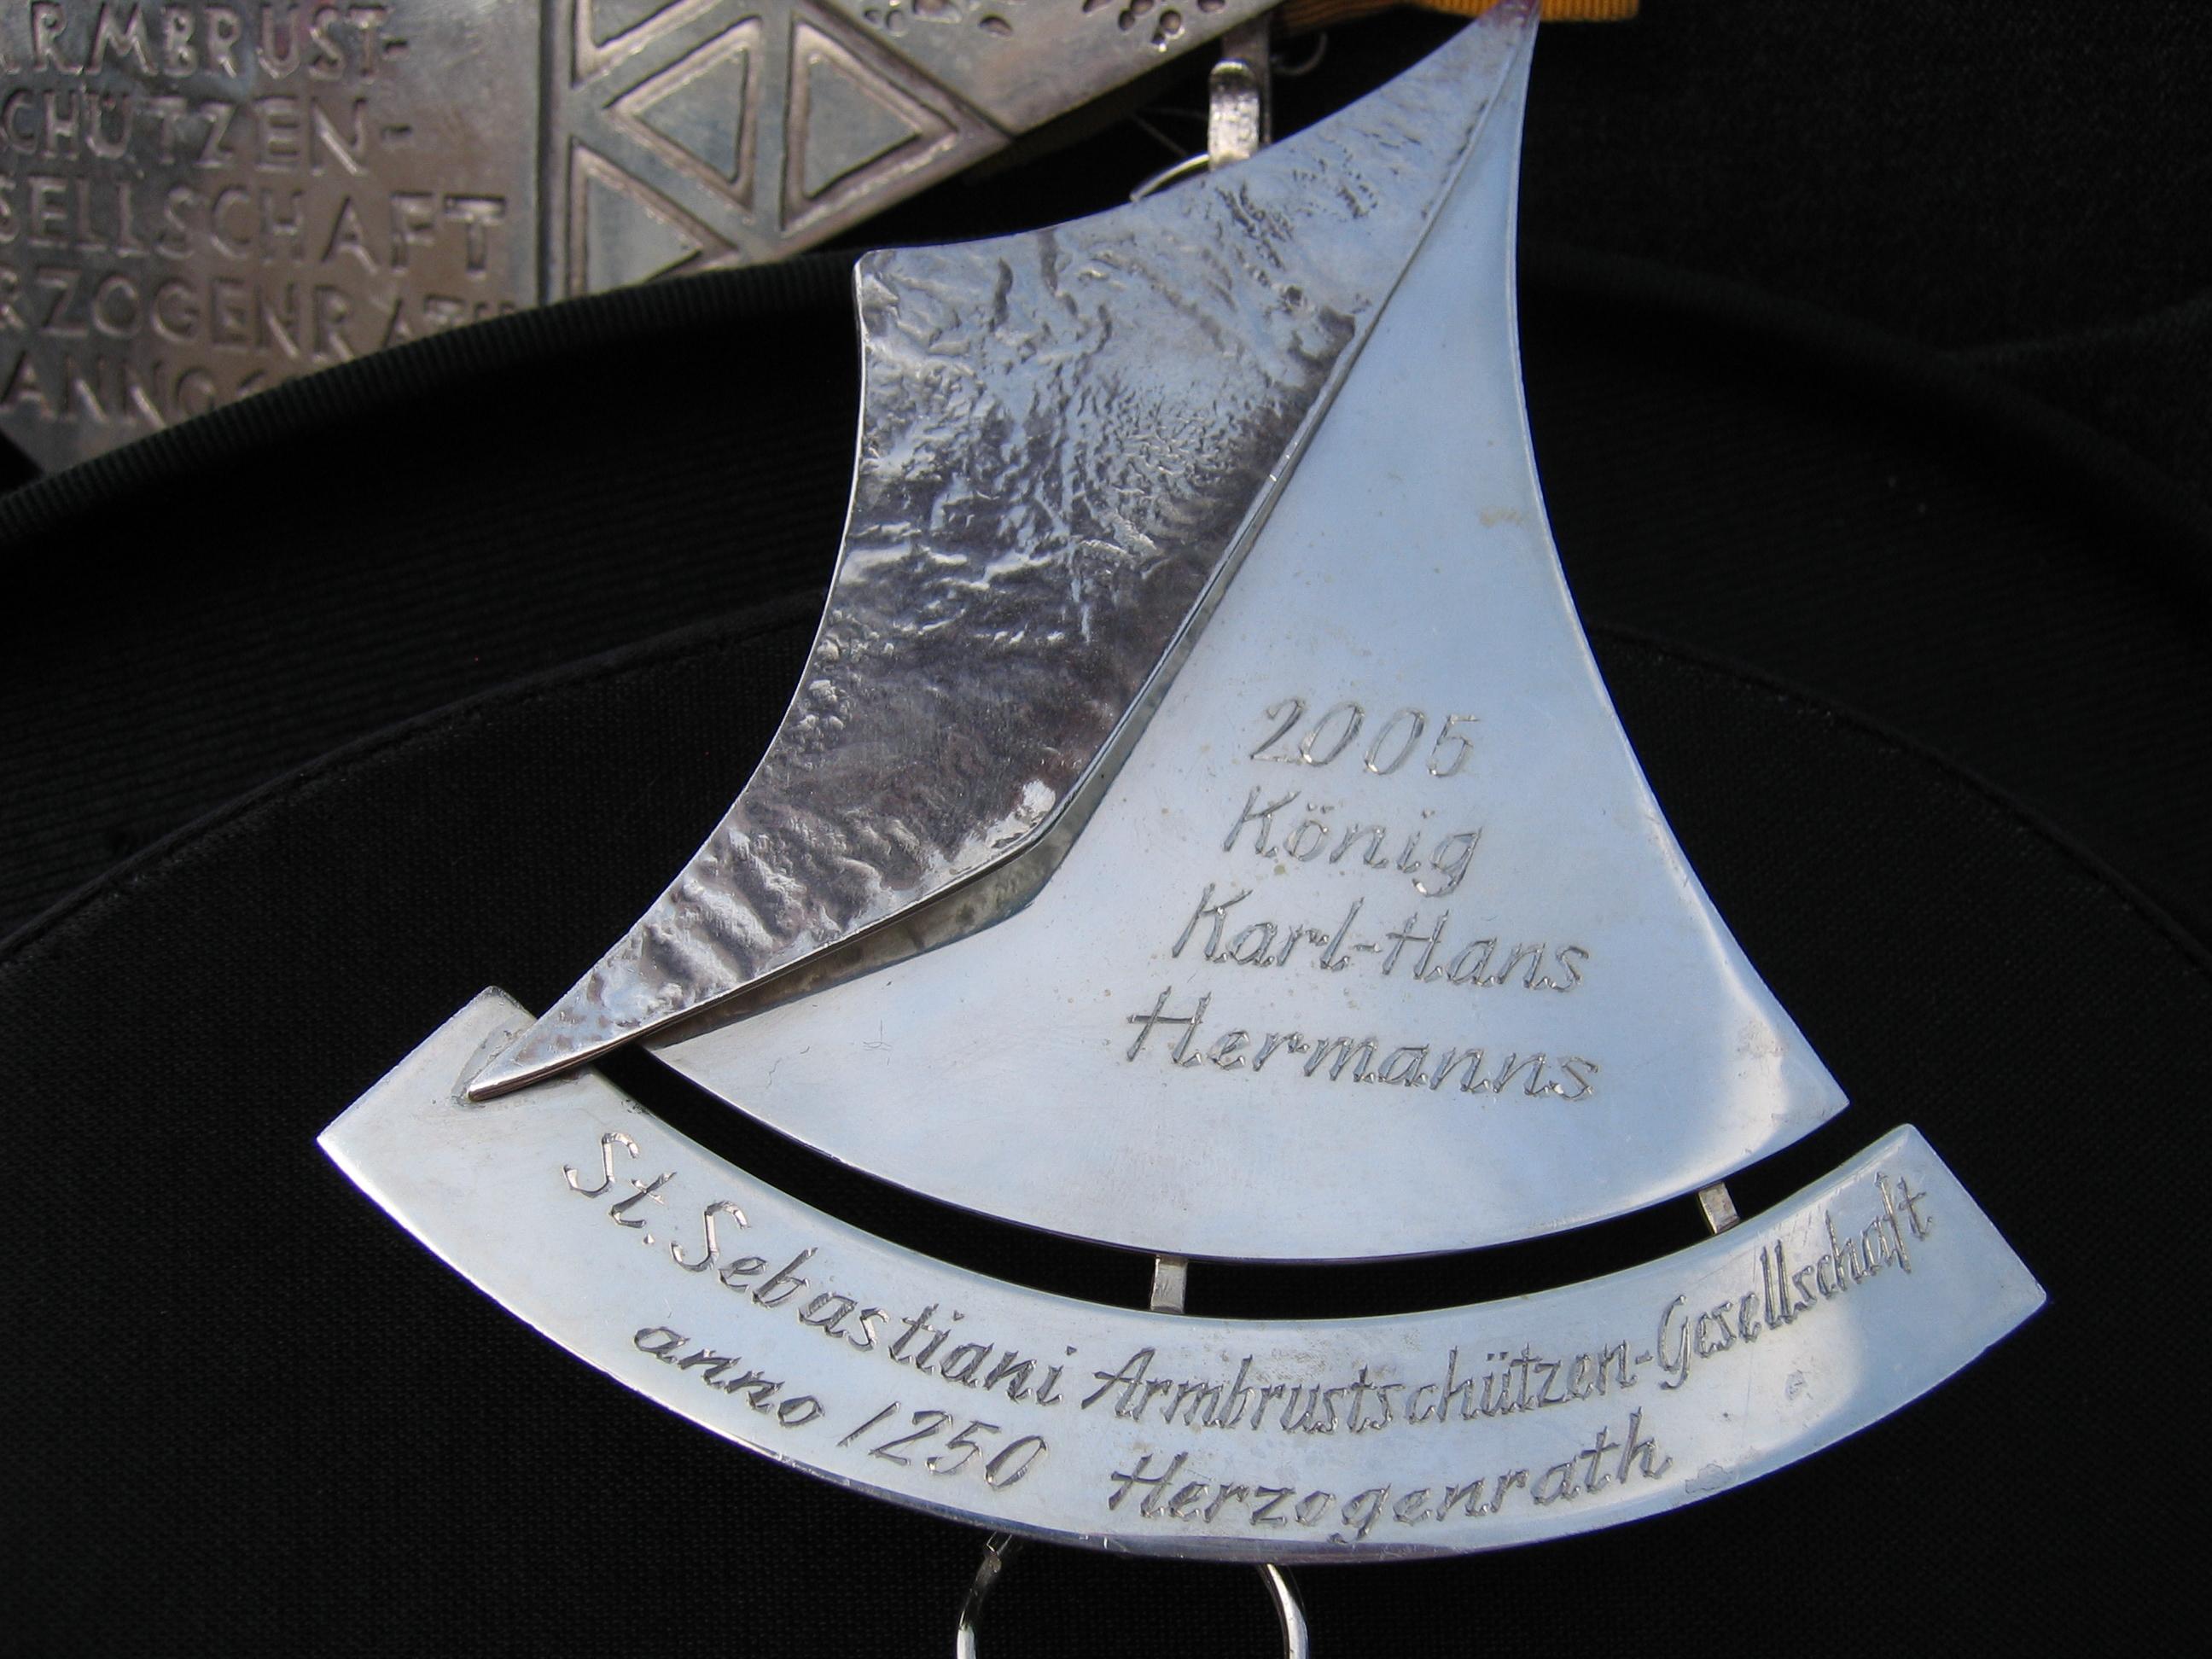 2005_Hermanns_Karl-Hans